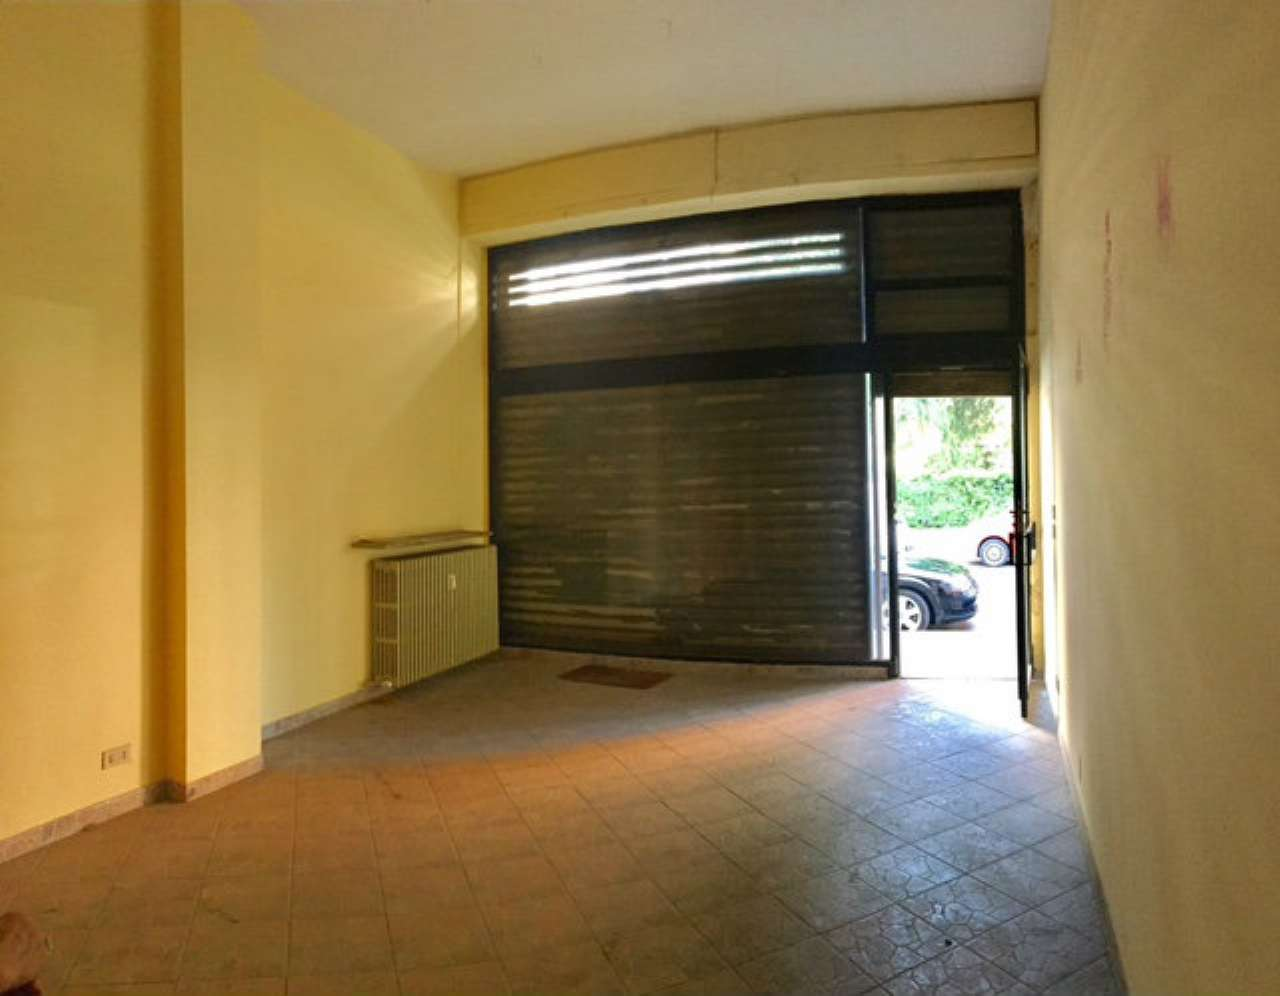 Negozio / Locale in affitto a Torino, 2 locali, zona Zona: 8 . San Paolo, Cenisia, prezzo € 300 | Cambio Casa.it